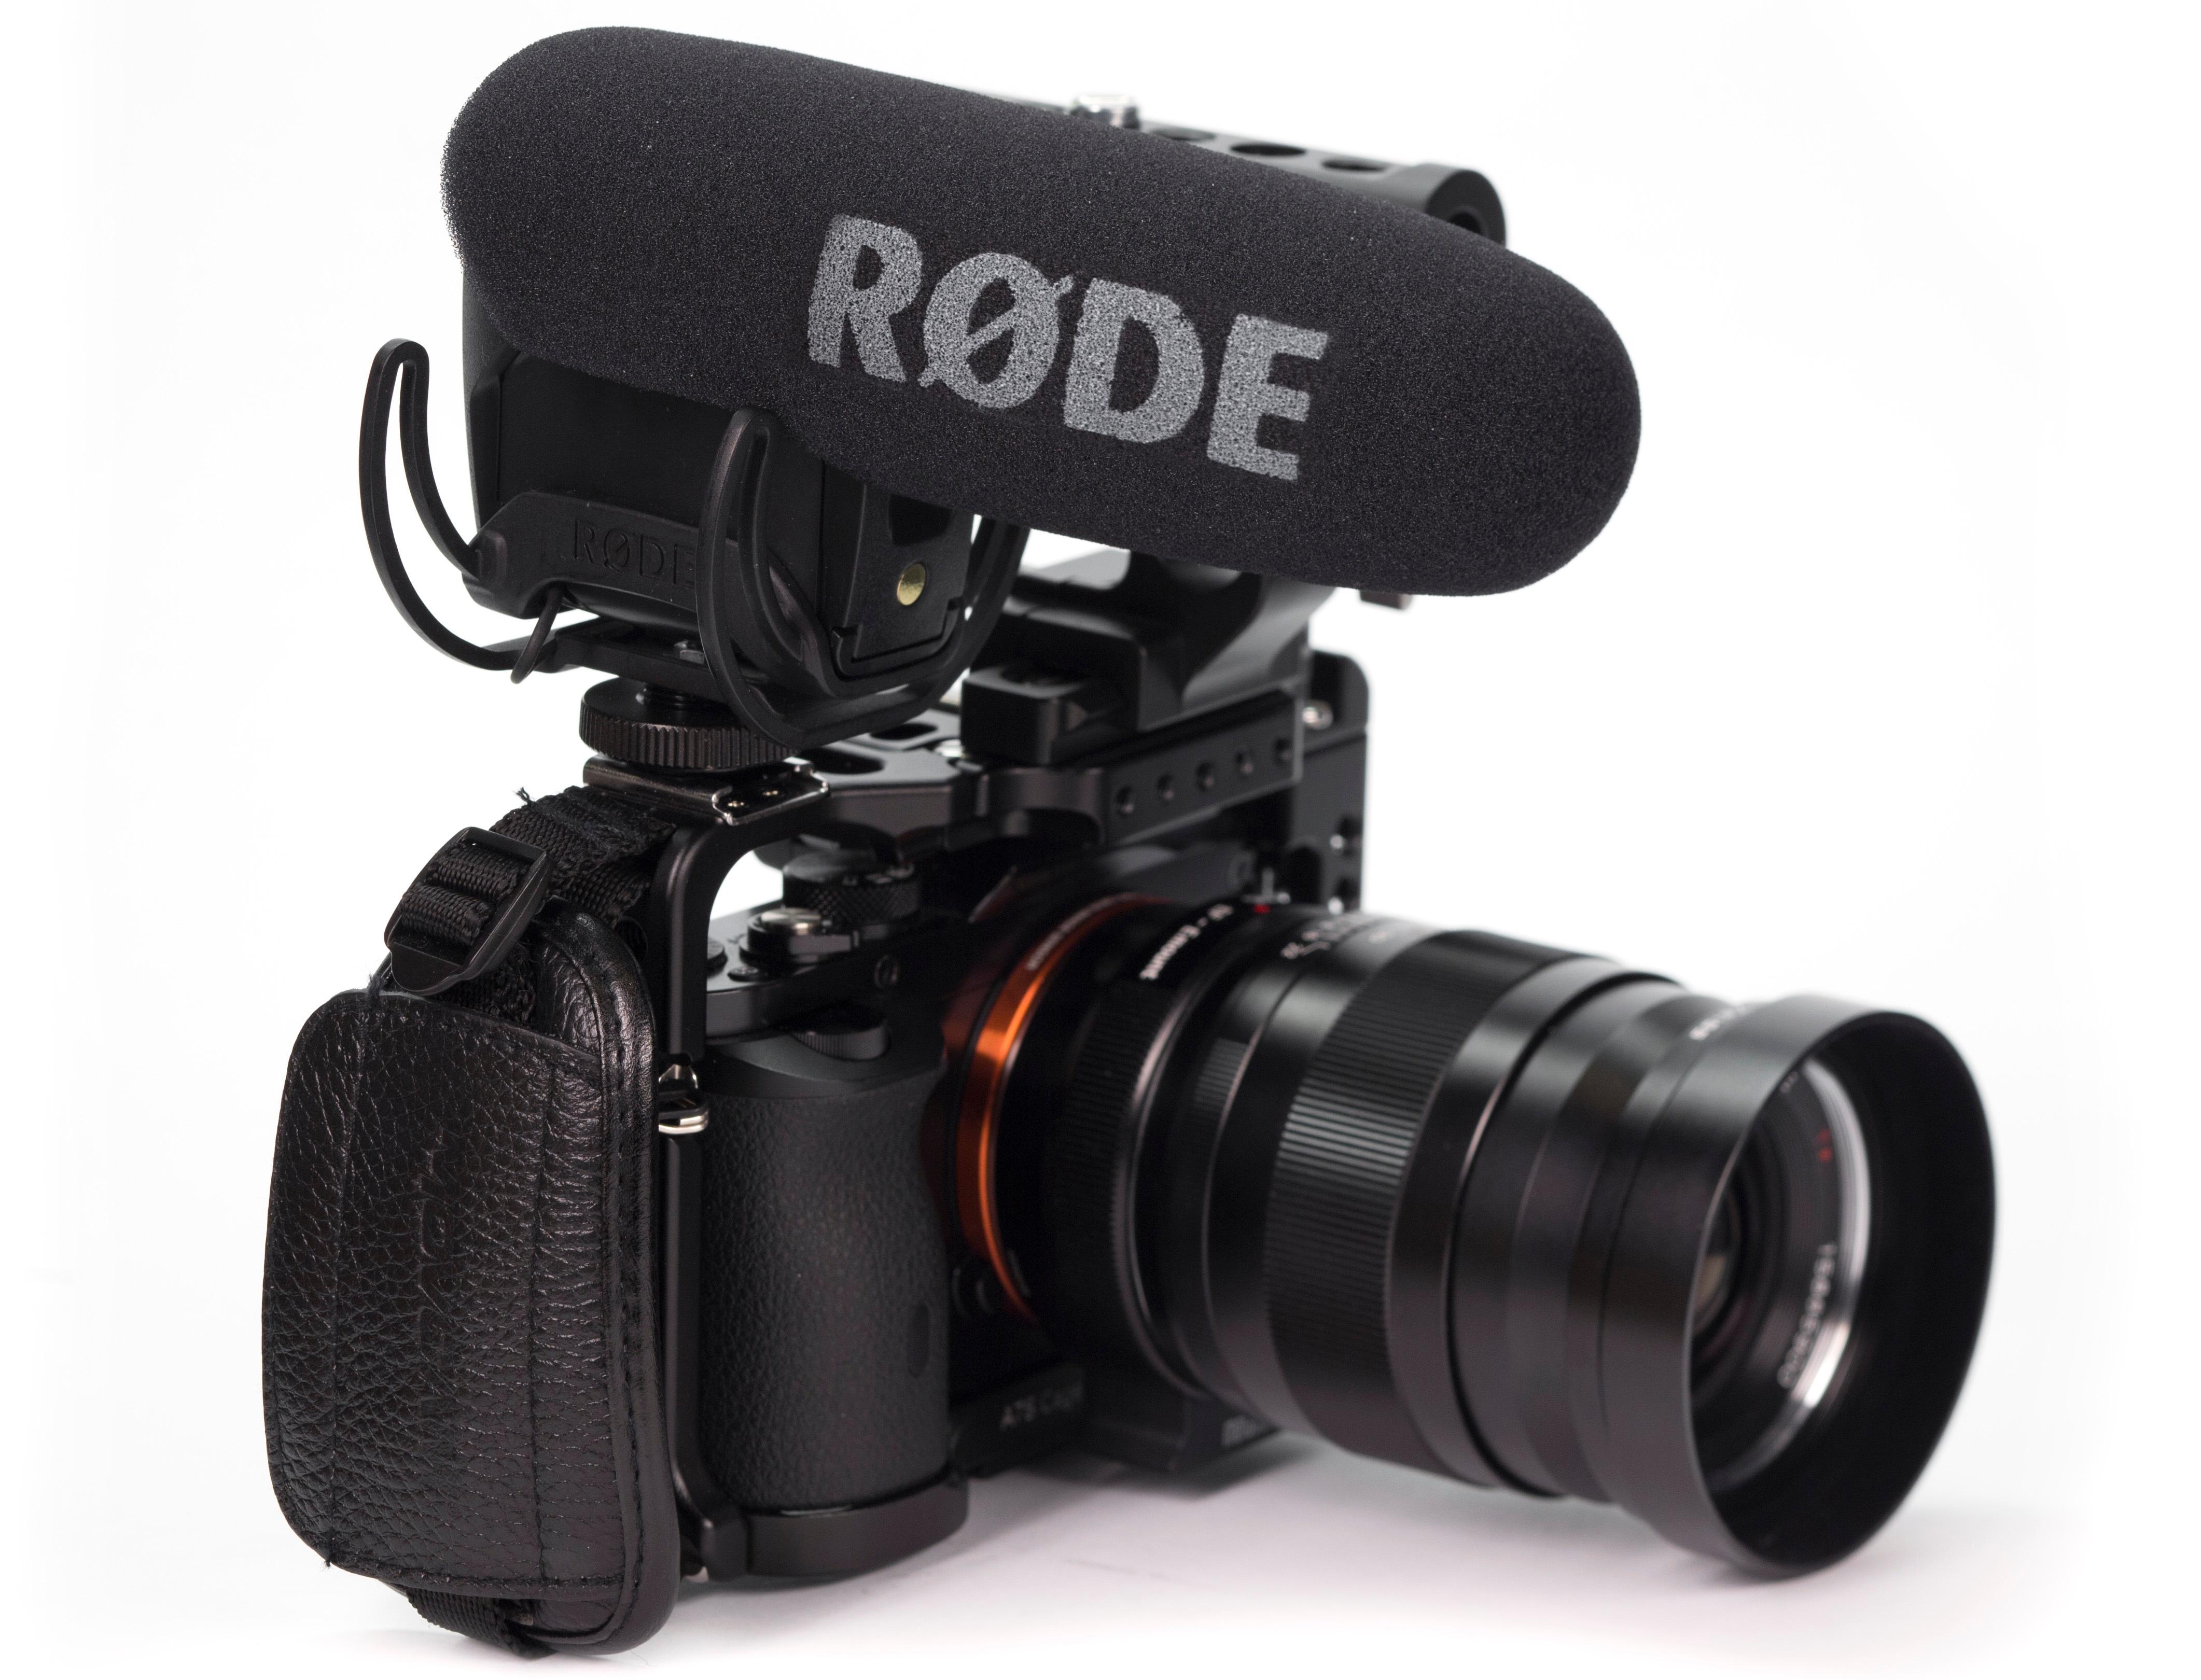 Röde VideoMic Pro Rycote Lyre